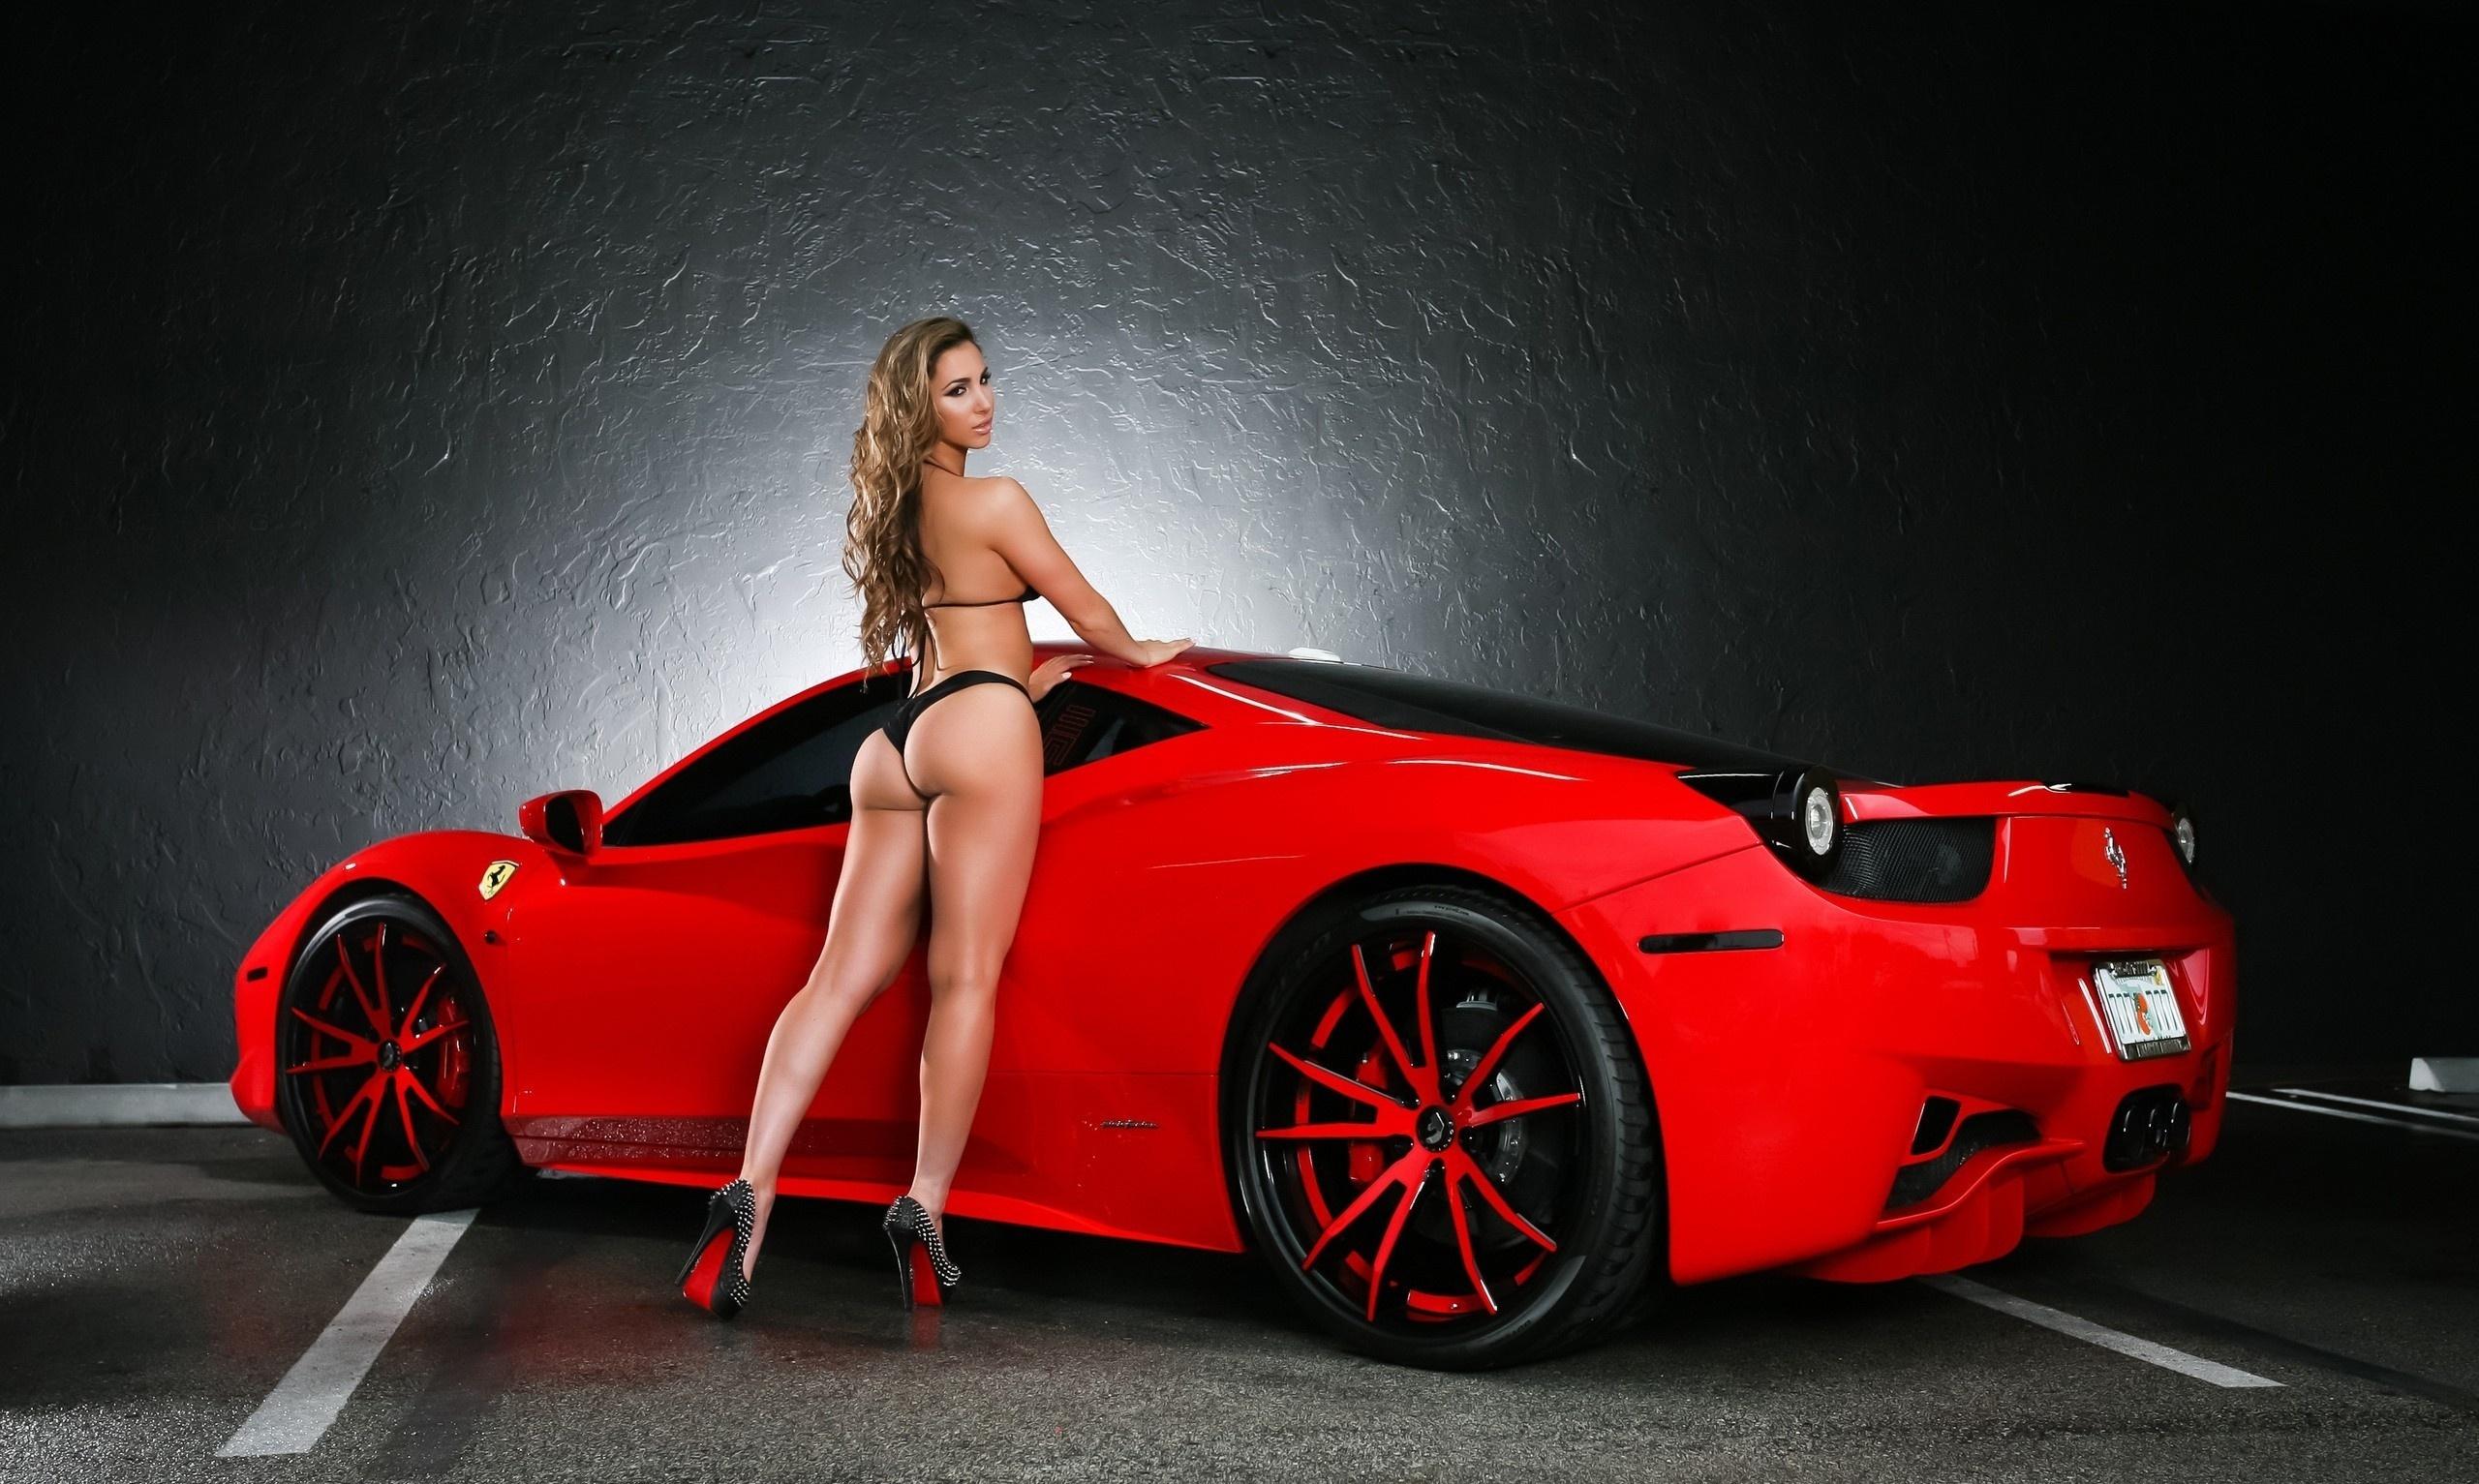 Шикарные девушки и шикарные машины фото